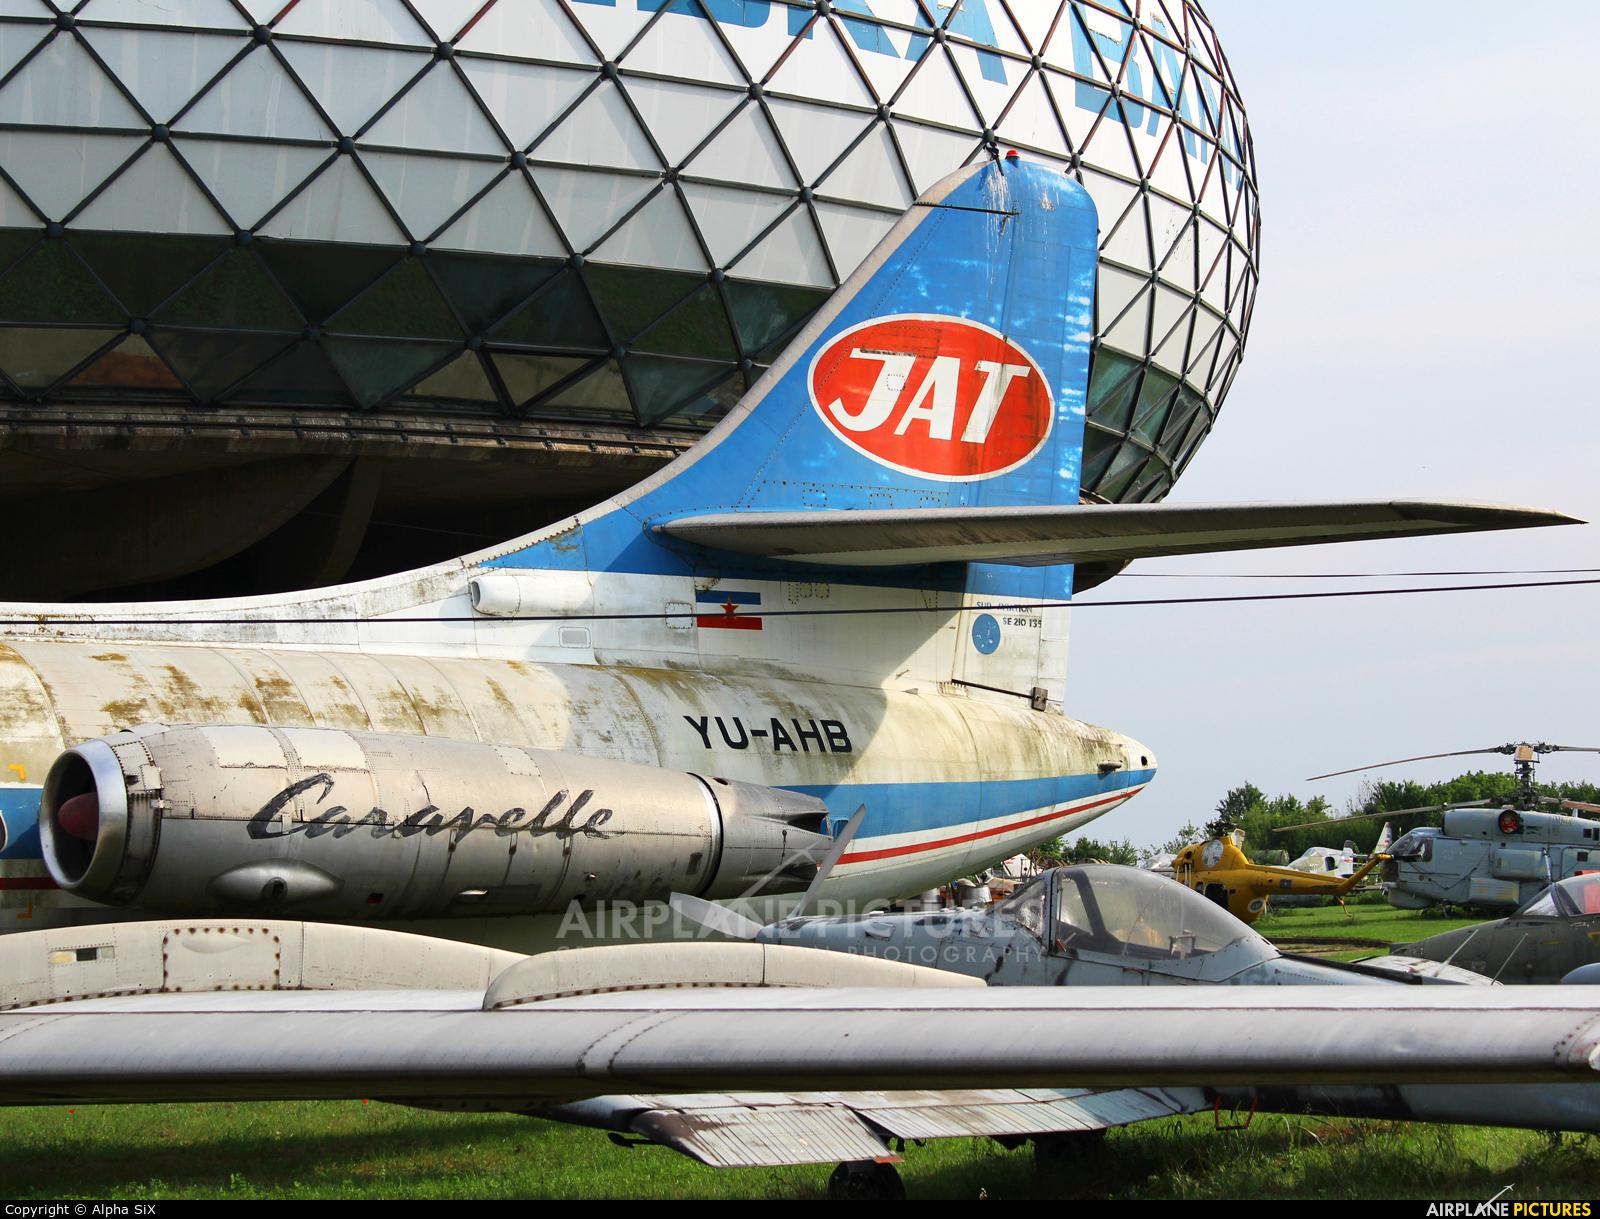 JAT - Yugoslav Airlines YU-AHB aircraft at Belgrade - Aeronautical Museum Belgrade